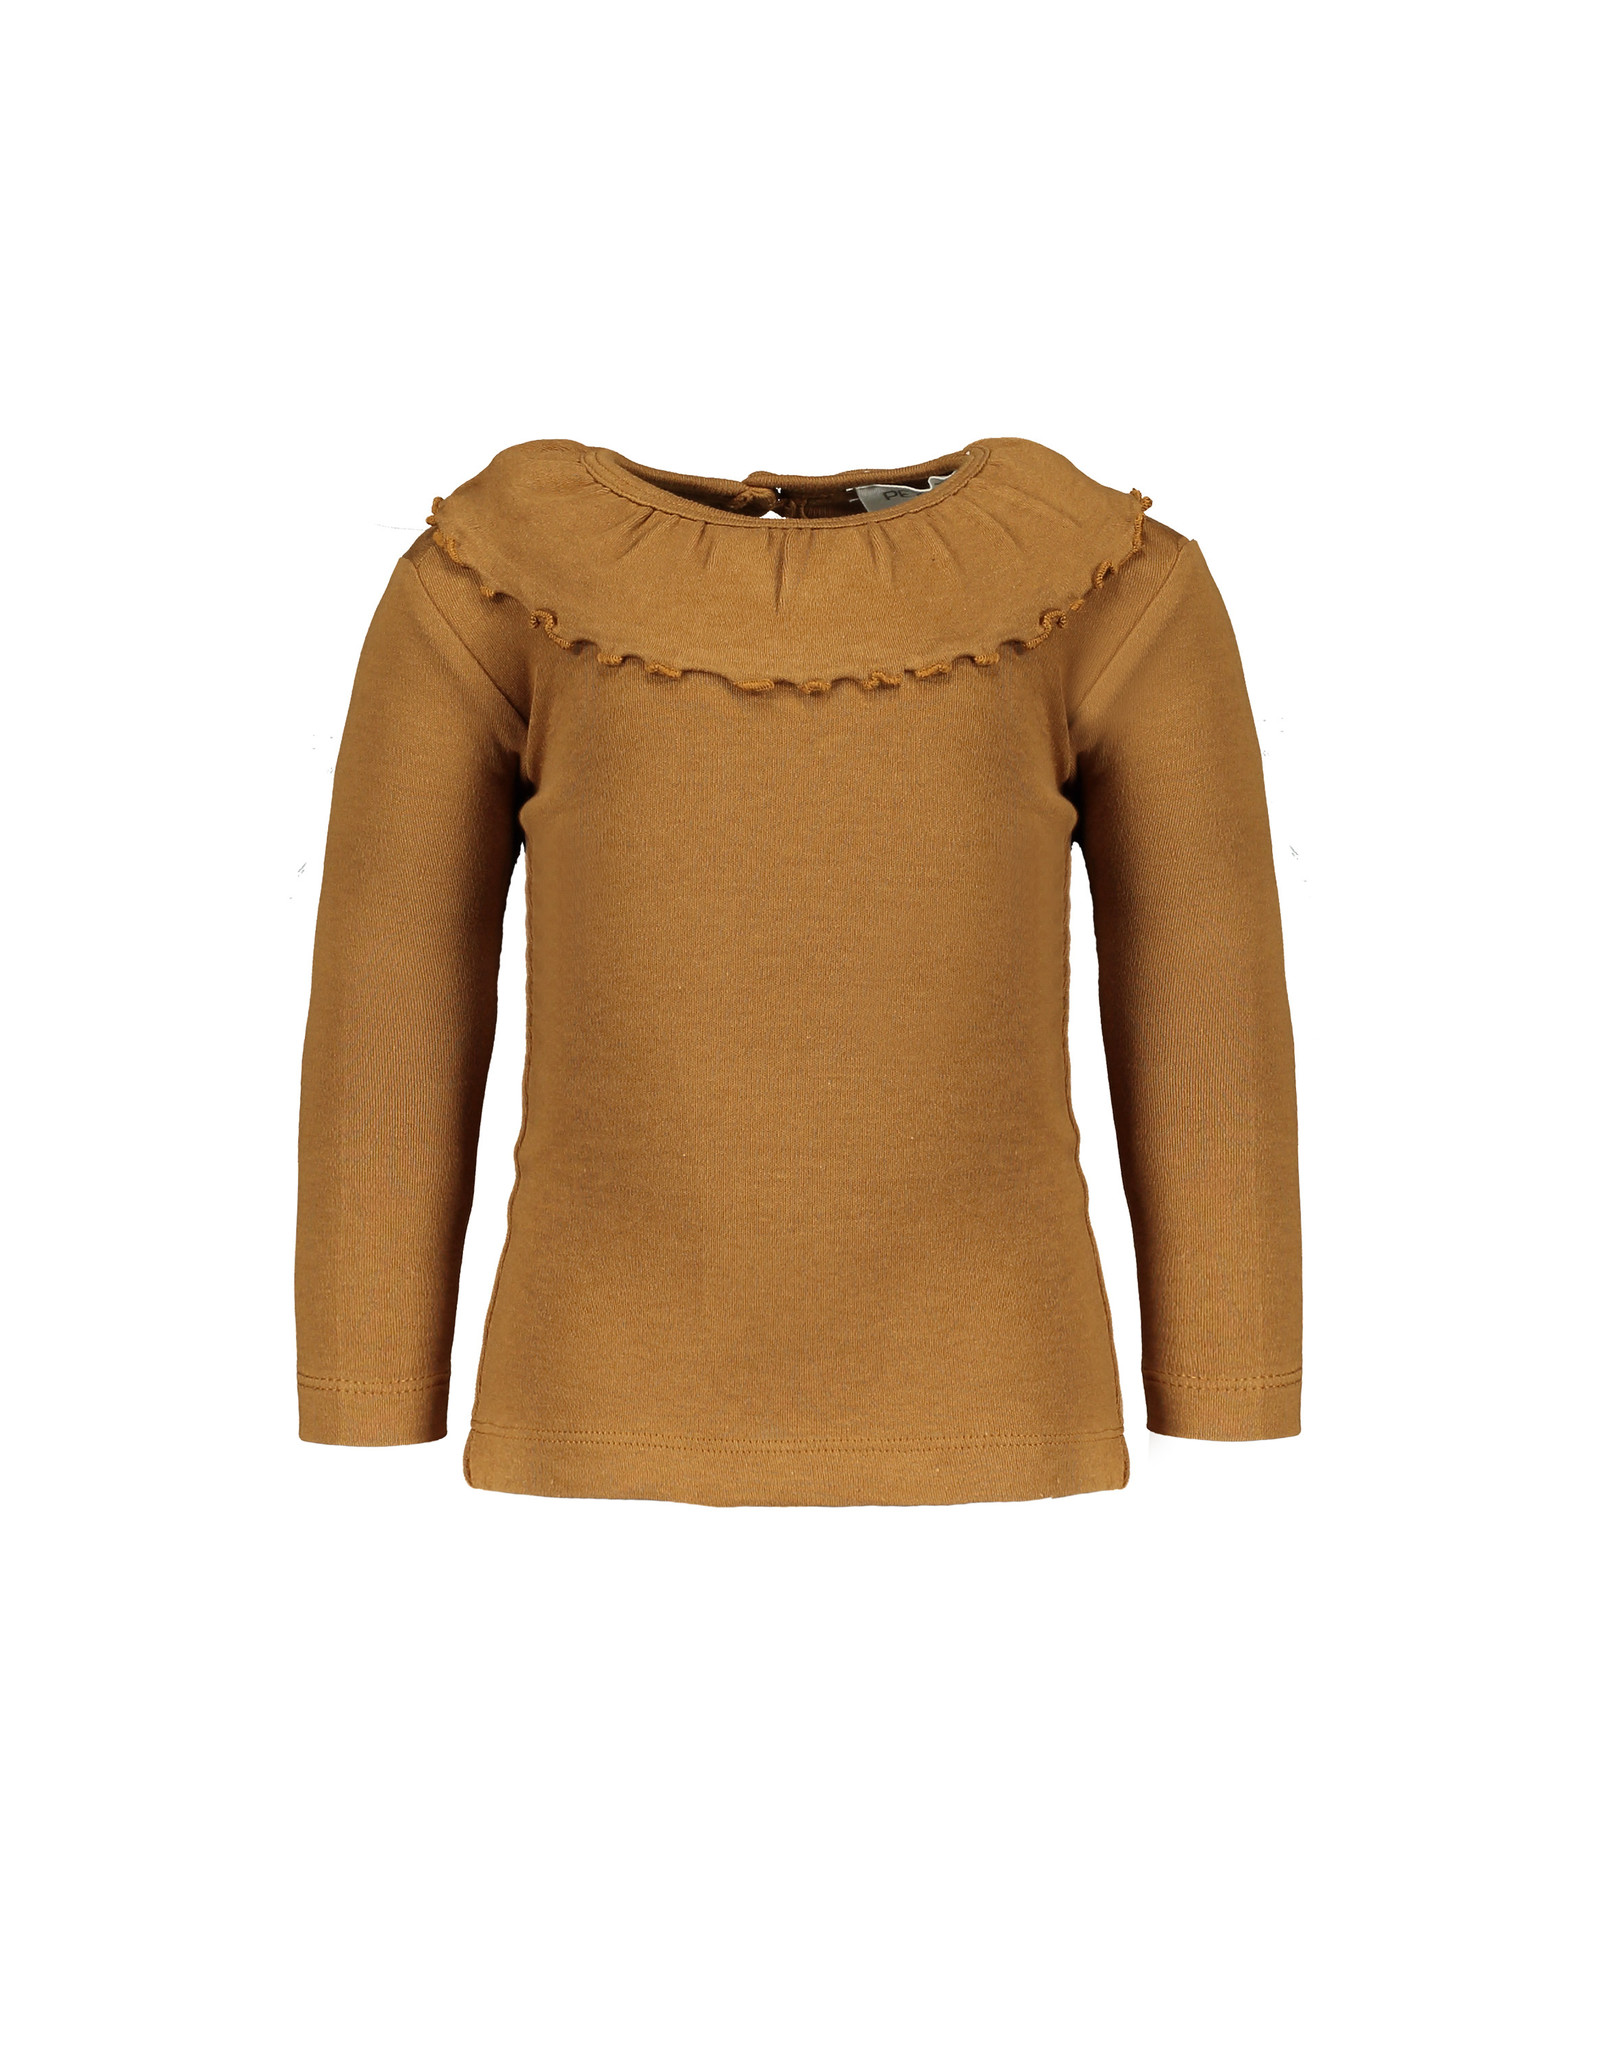 Pexi Lexi Shirt LS Ruffle - Mustard